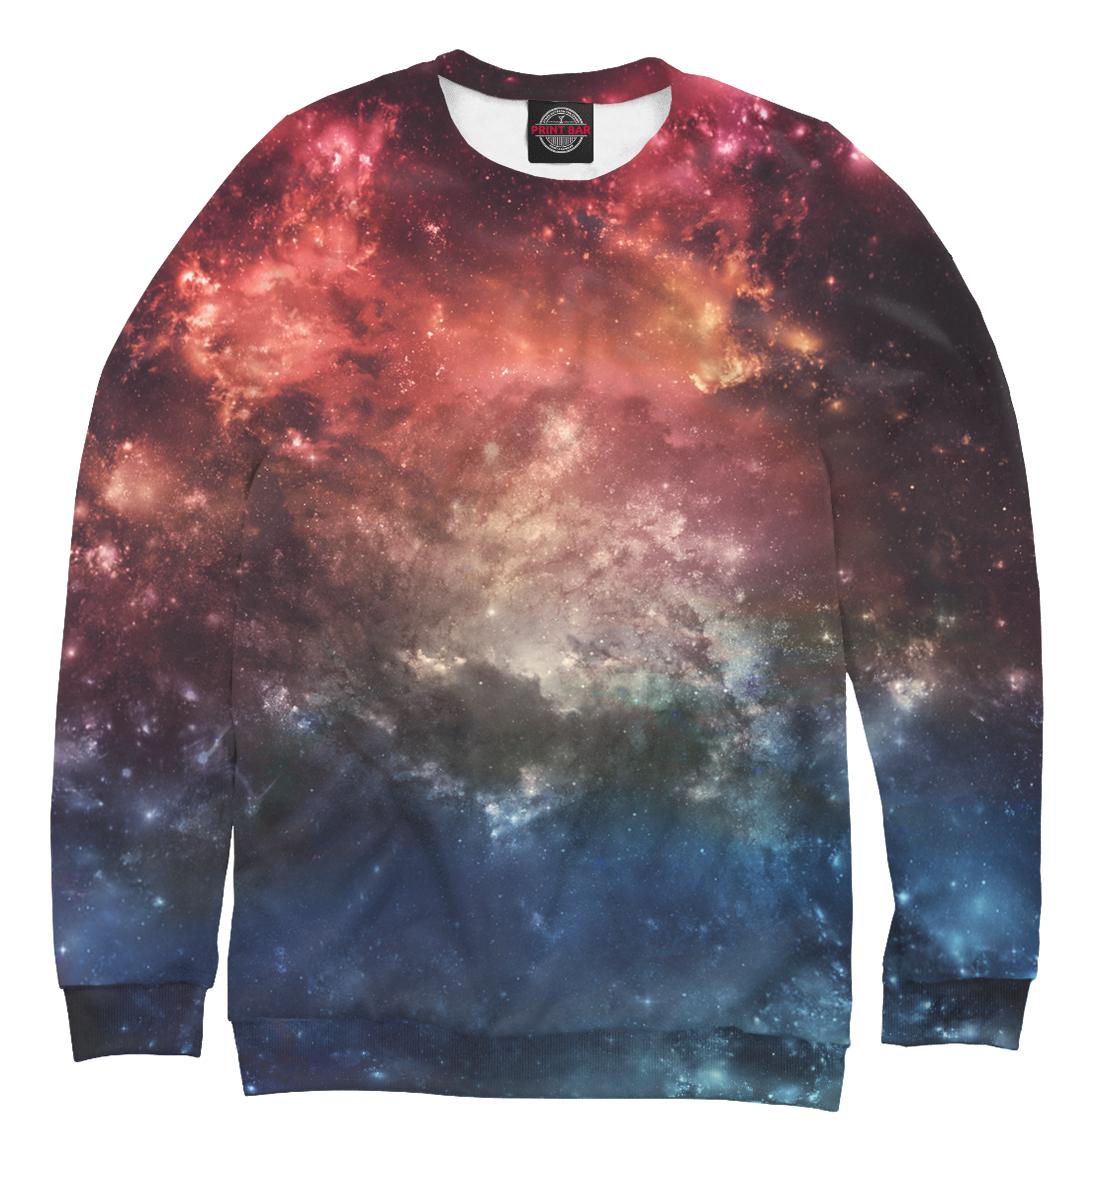 Купить Космос, Printbar, Свитшоты, HIP-132183-swi-2